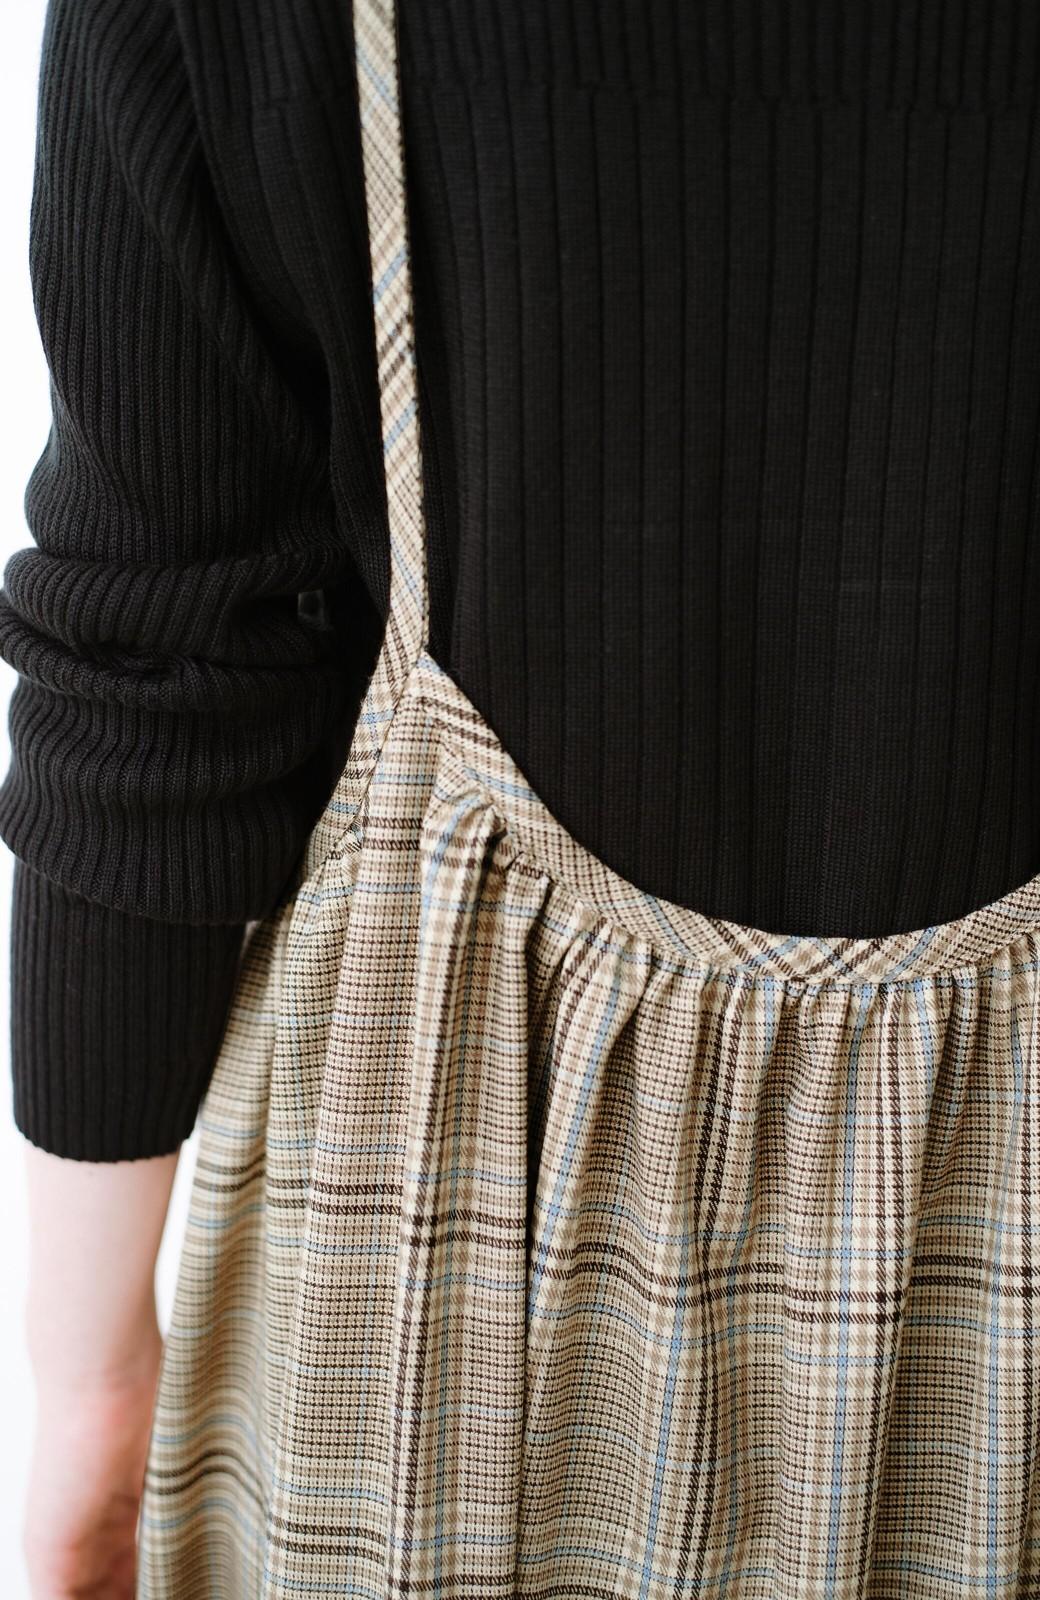 haco! Tシャツからニットまで長ーーい季節着られる便利なチェックキャミワンピース <ベージュ系その他>の商品写真6